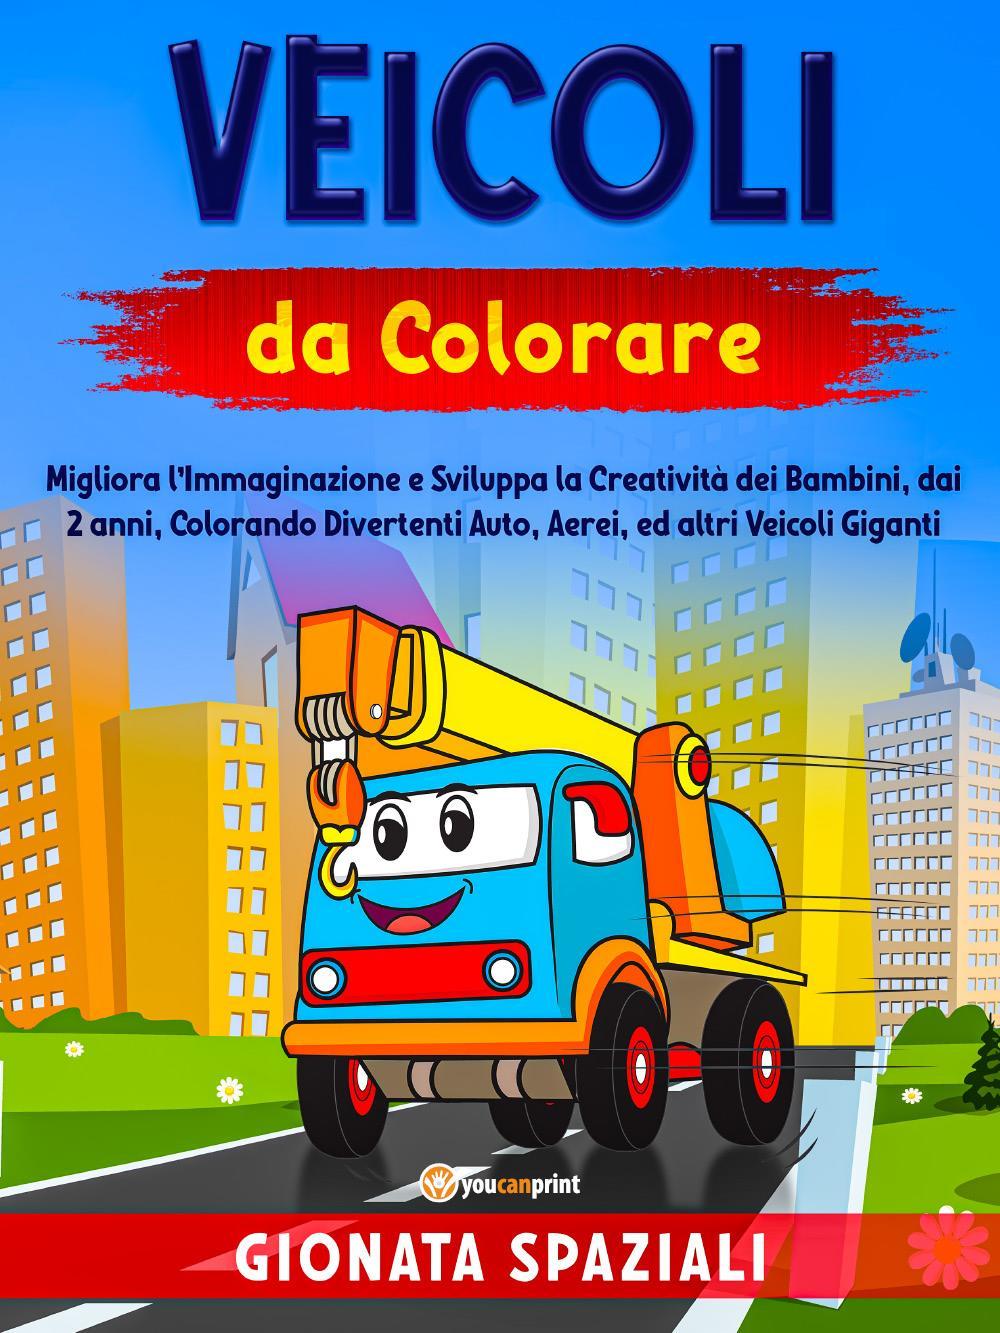 Veicoli da Colorare. Migliora l'Immaginazione e Sviluppa la Creatività dei Bambini, dai 2 anni, Colorando Divertenti Auto, Aerei, ed altri Veicoli Giganti